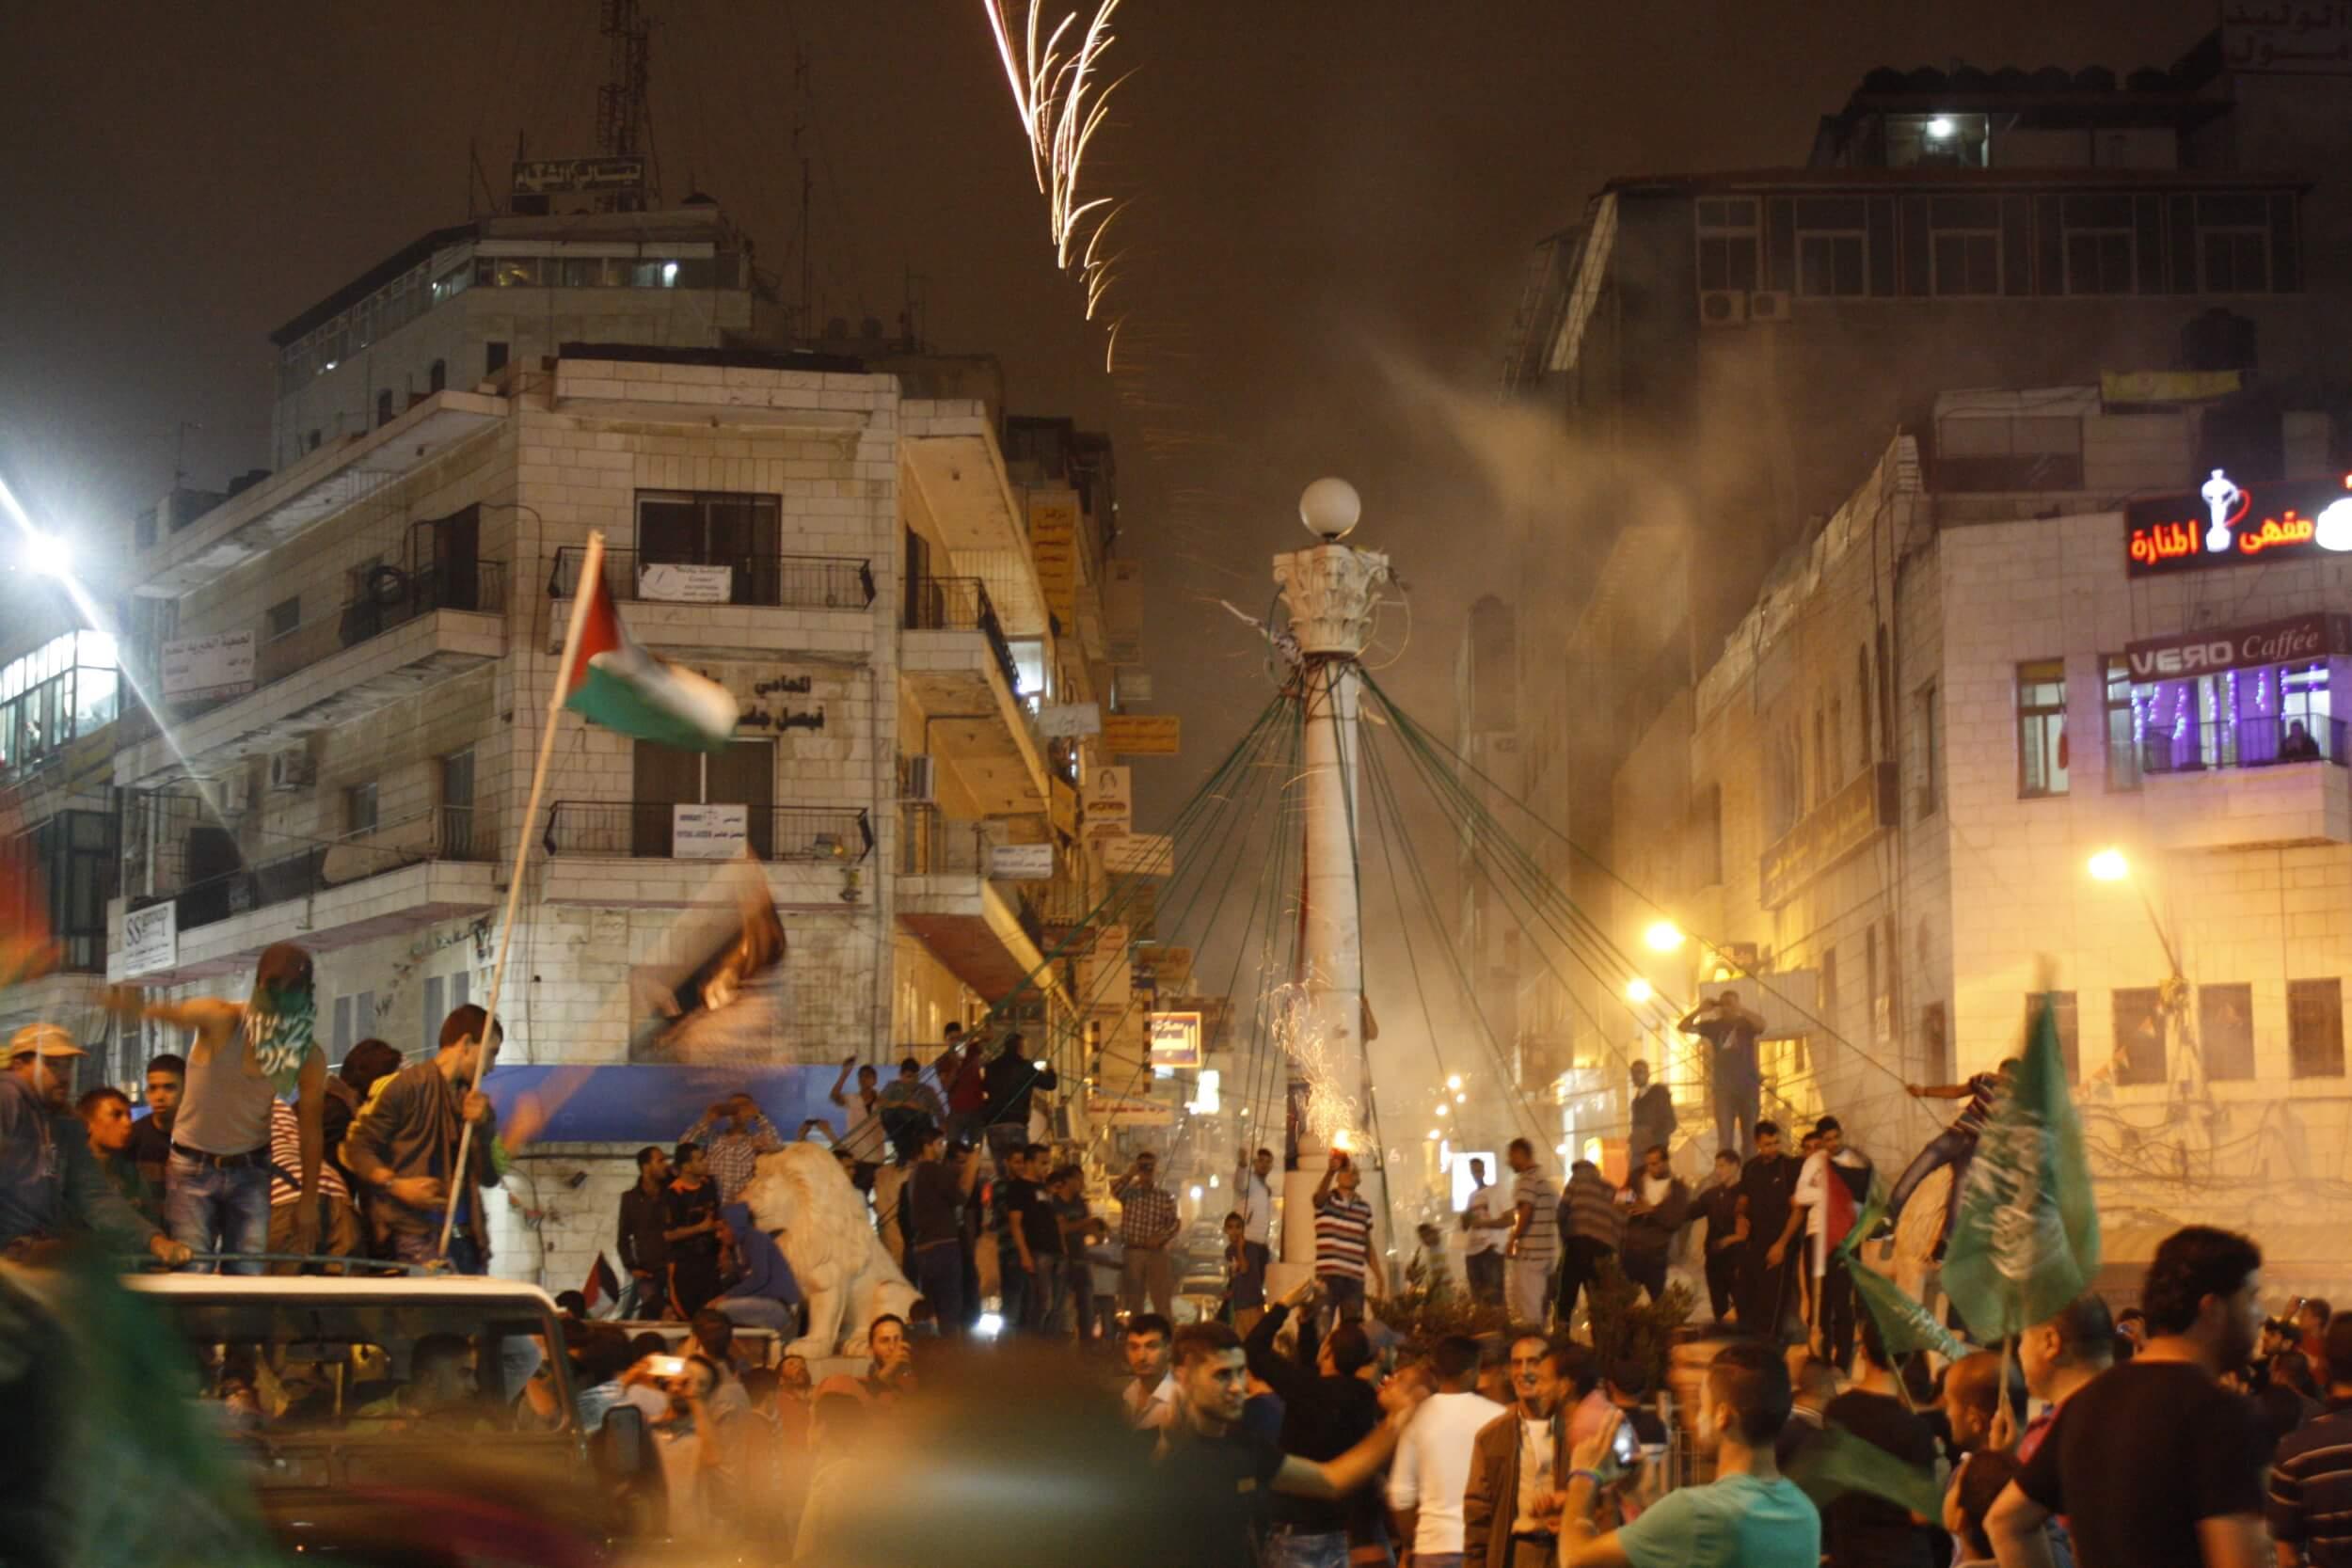 Ramallah, July 20, 2014